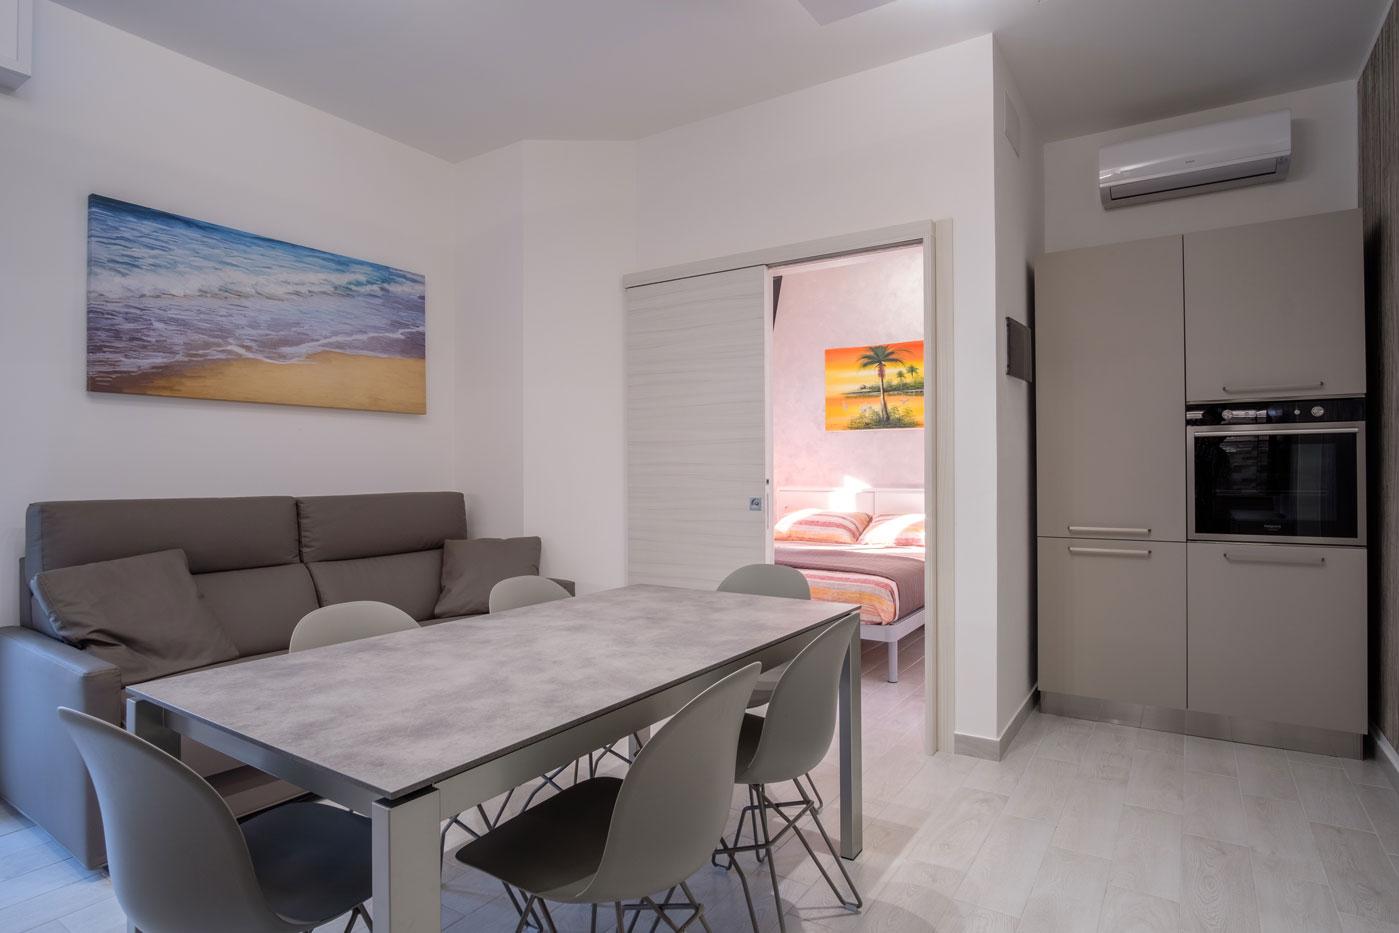 Appartamenti-San-Mauro-mare-43